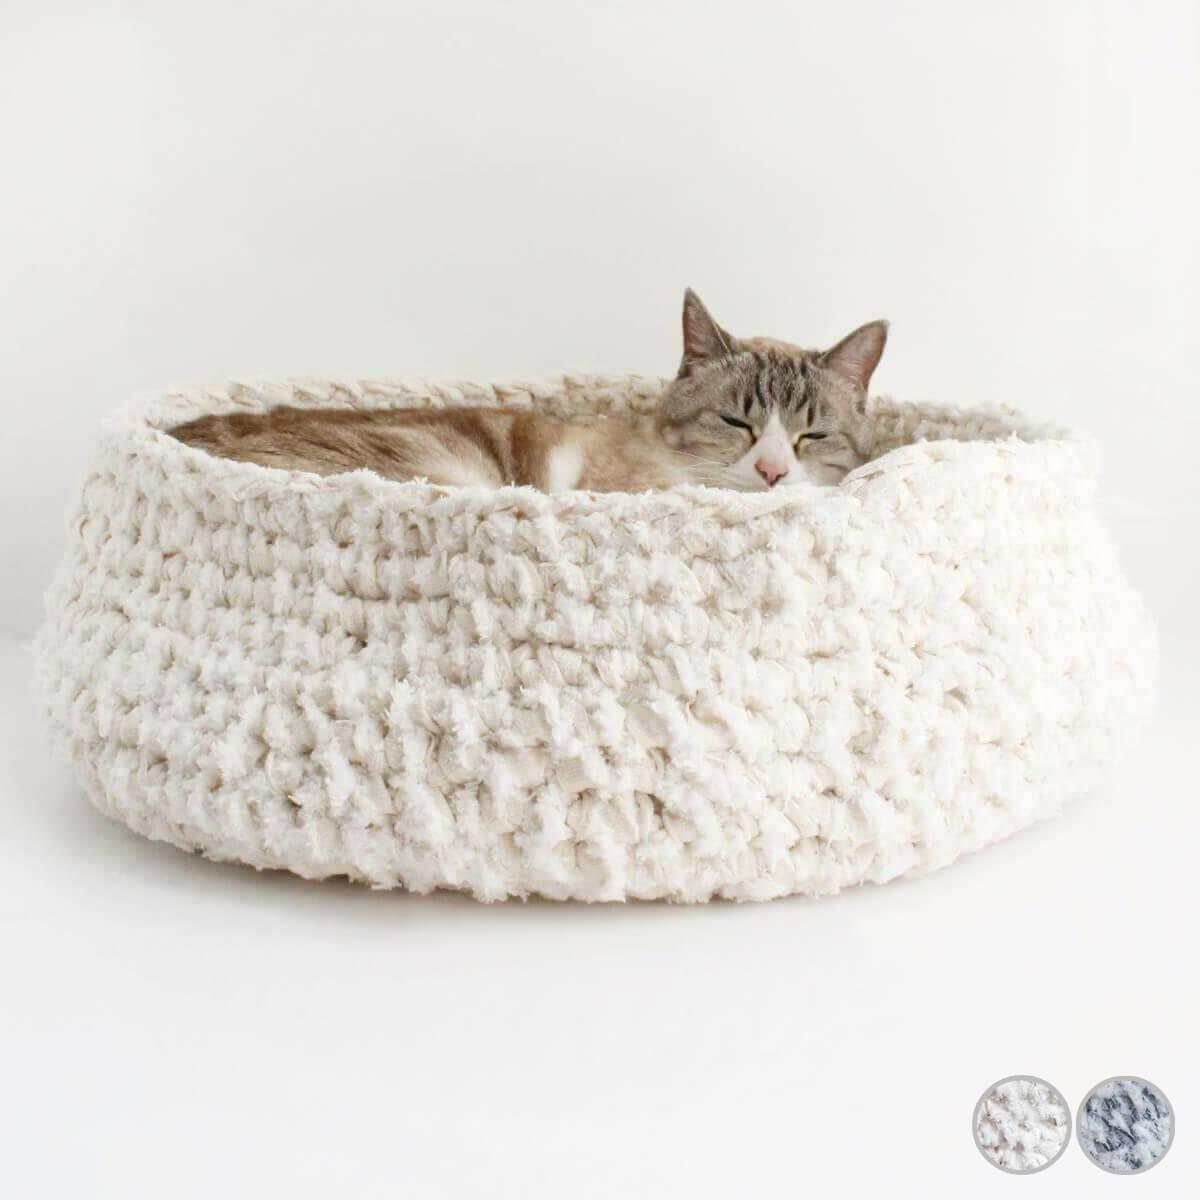 新着セール 国産猫用ベッド 広島県産デニムを 岩手の裂き編み職人が手編み 動きに合わせて変形するから ストレスフリー ランキングTOP5 あみあみベッド 猫 ベッド 日本製 マット付き